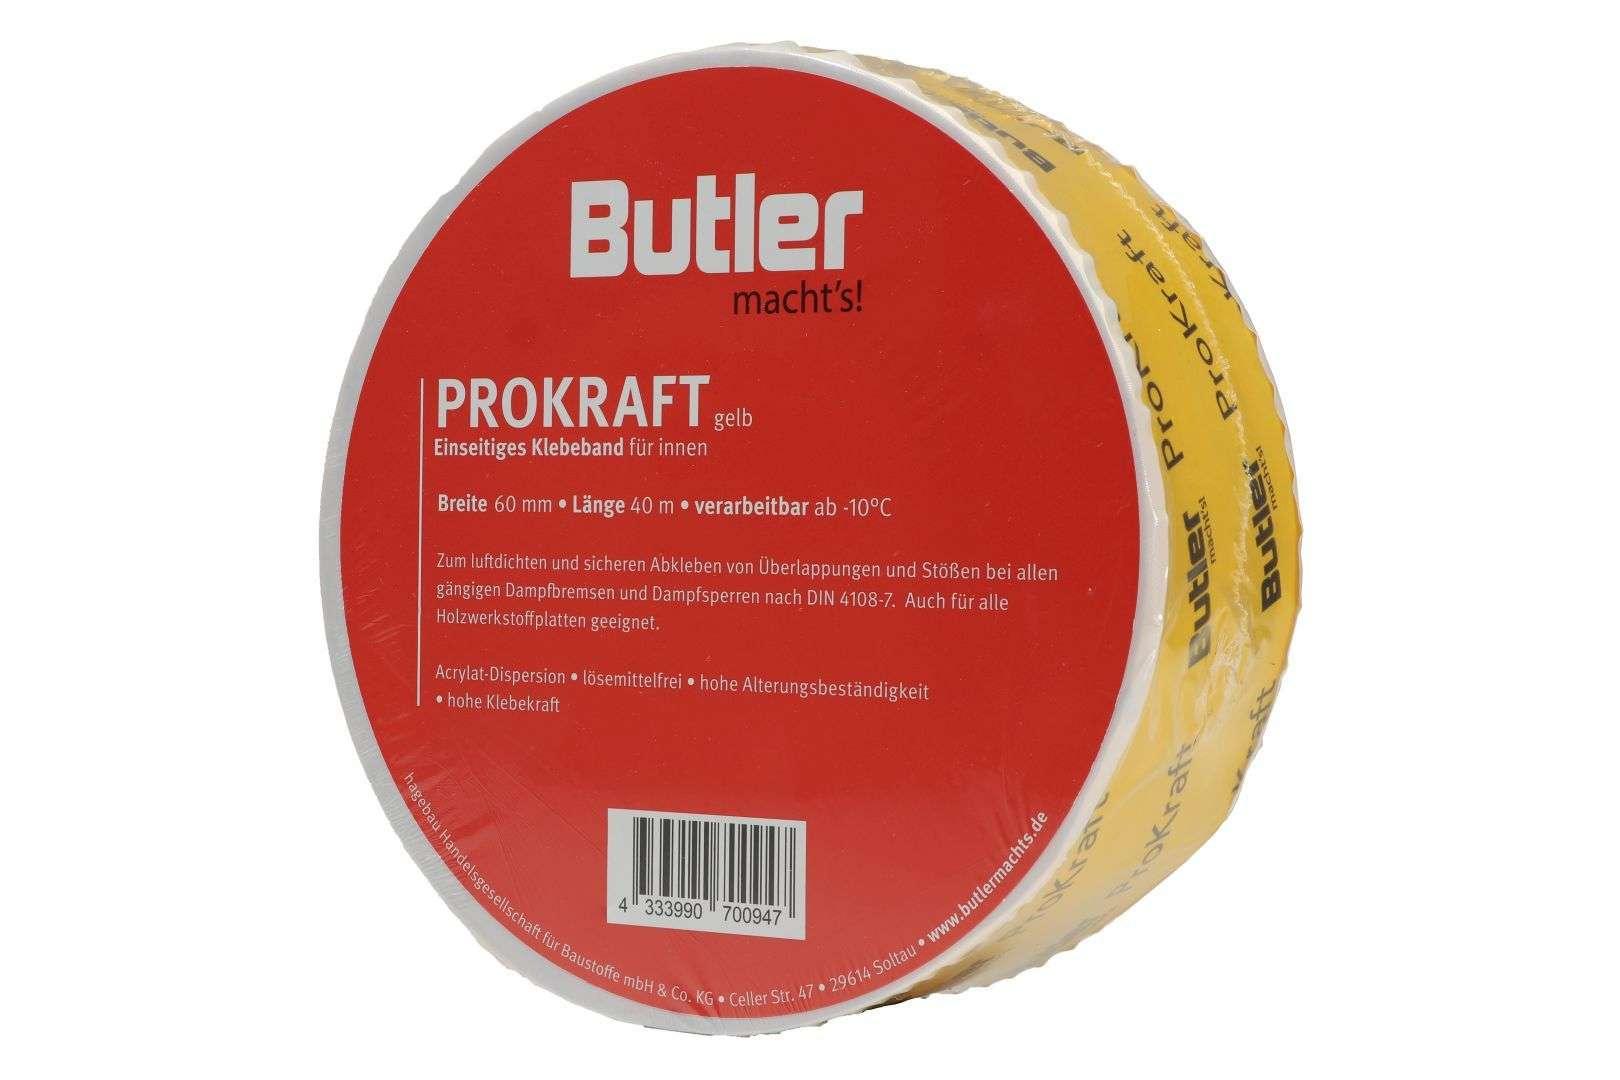 Butler macht's! ProKraft Klebeband für innen, einseitig selbstklebend, gelb, 40 m x 60 mm